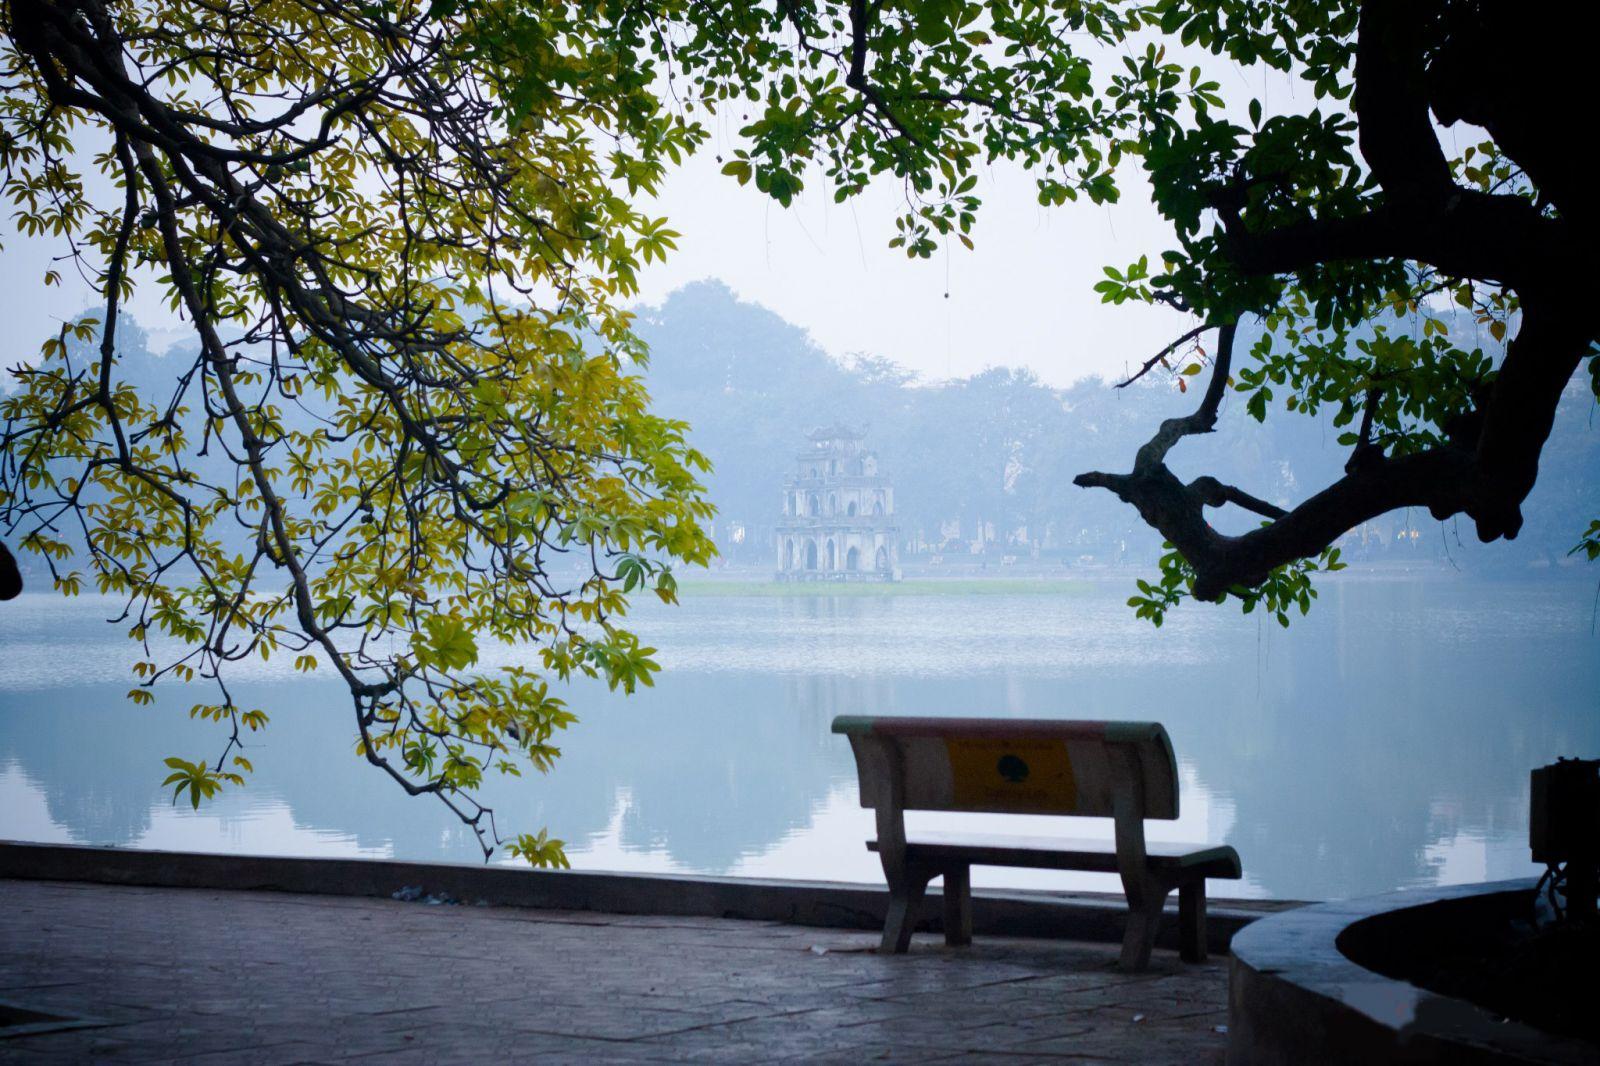 Phong cảnh mùa đông miền Bắc tại thủ đô Hà Nội